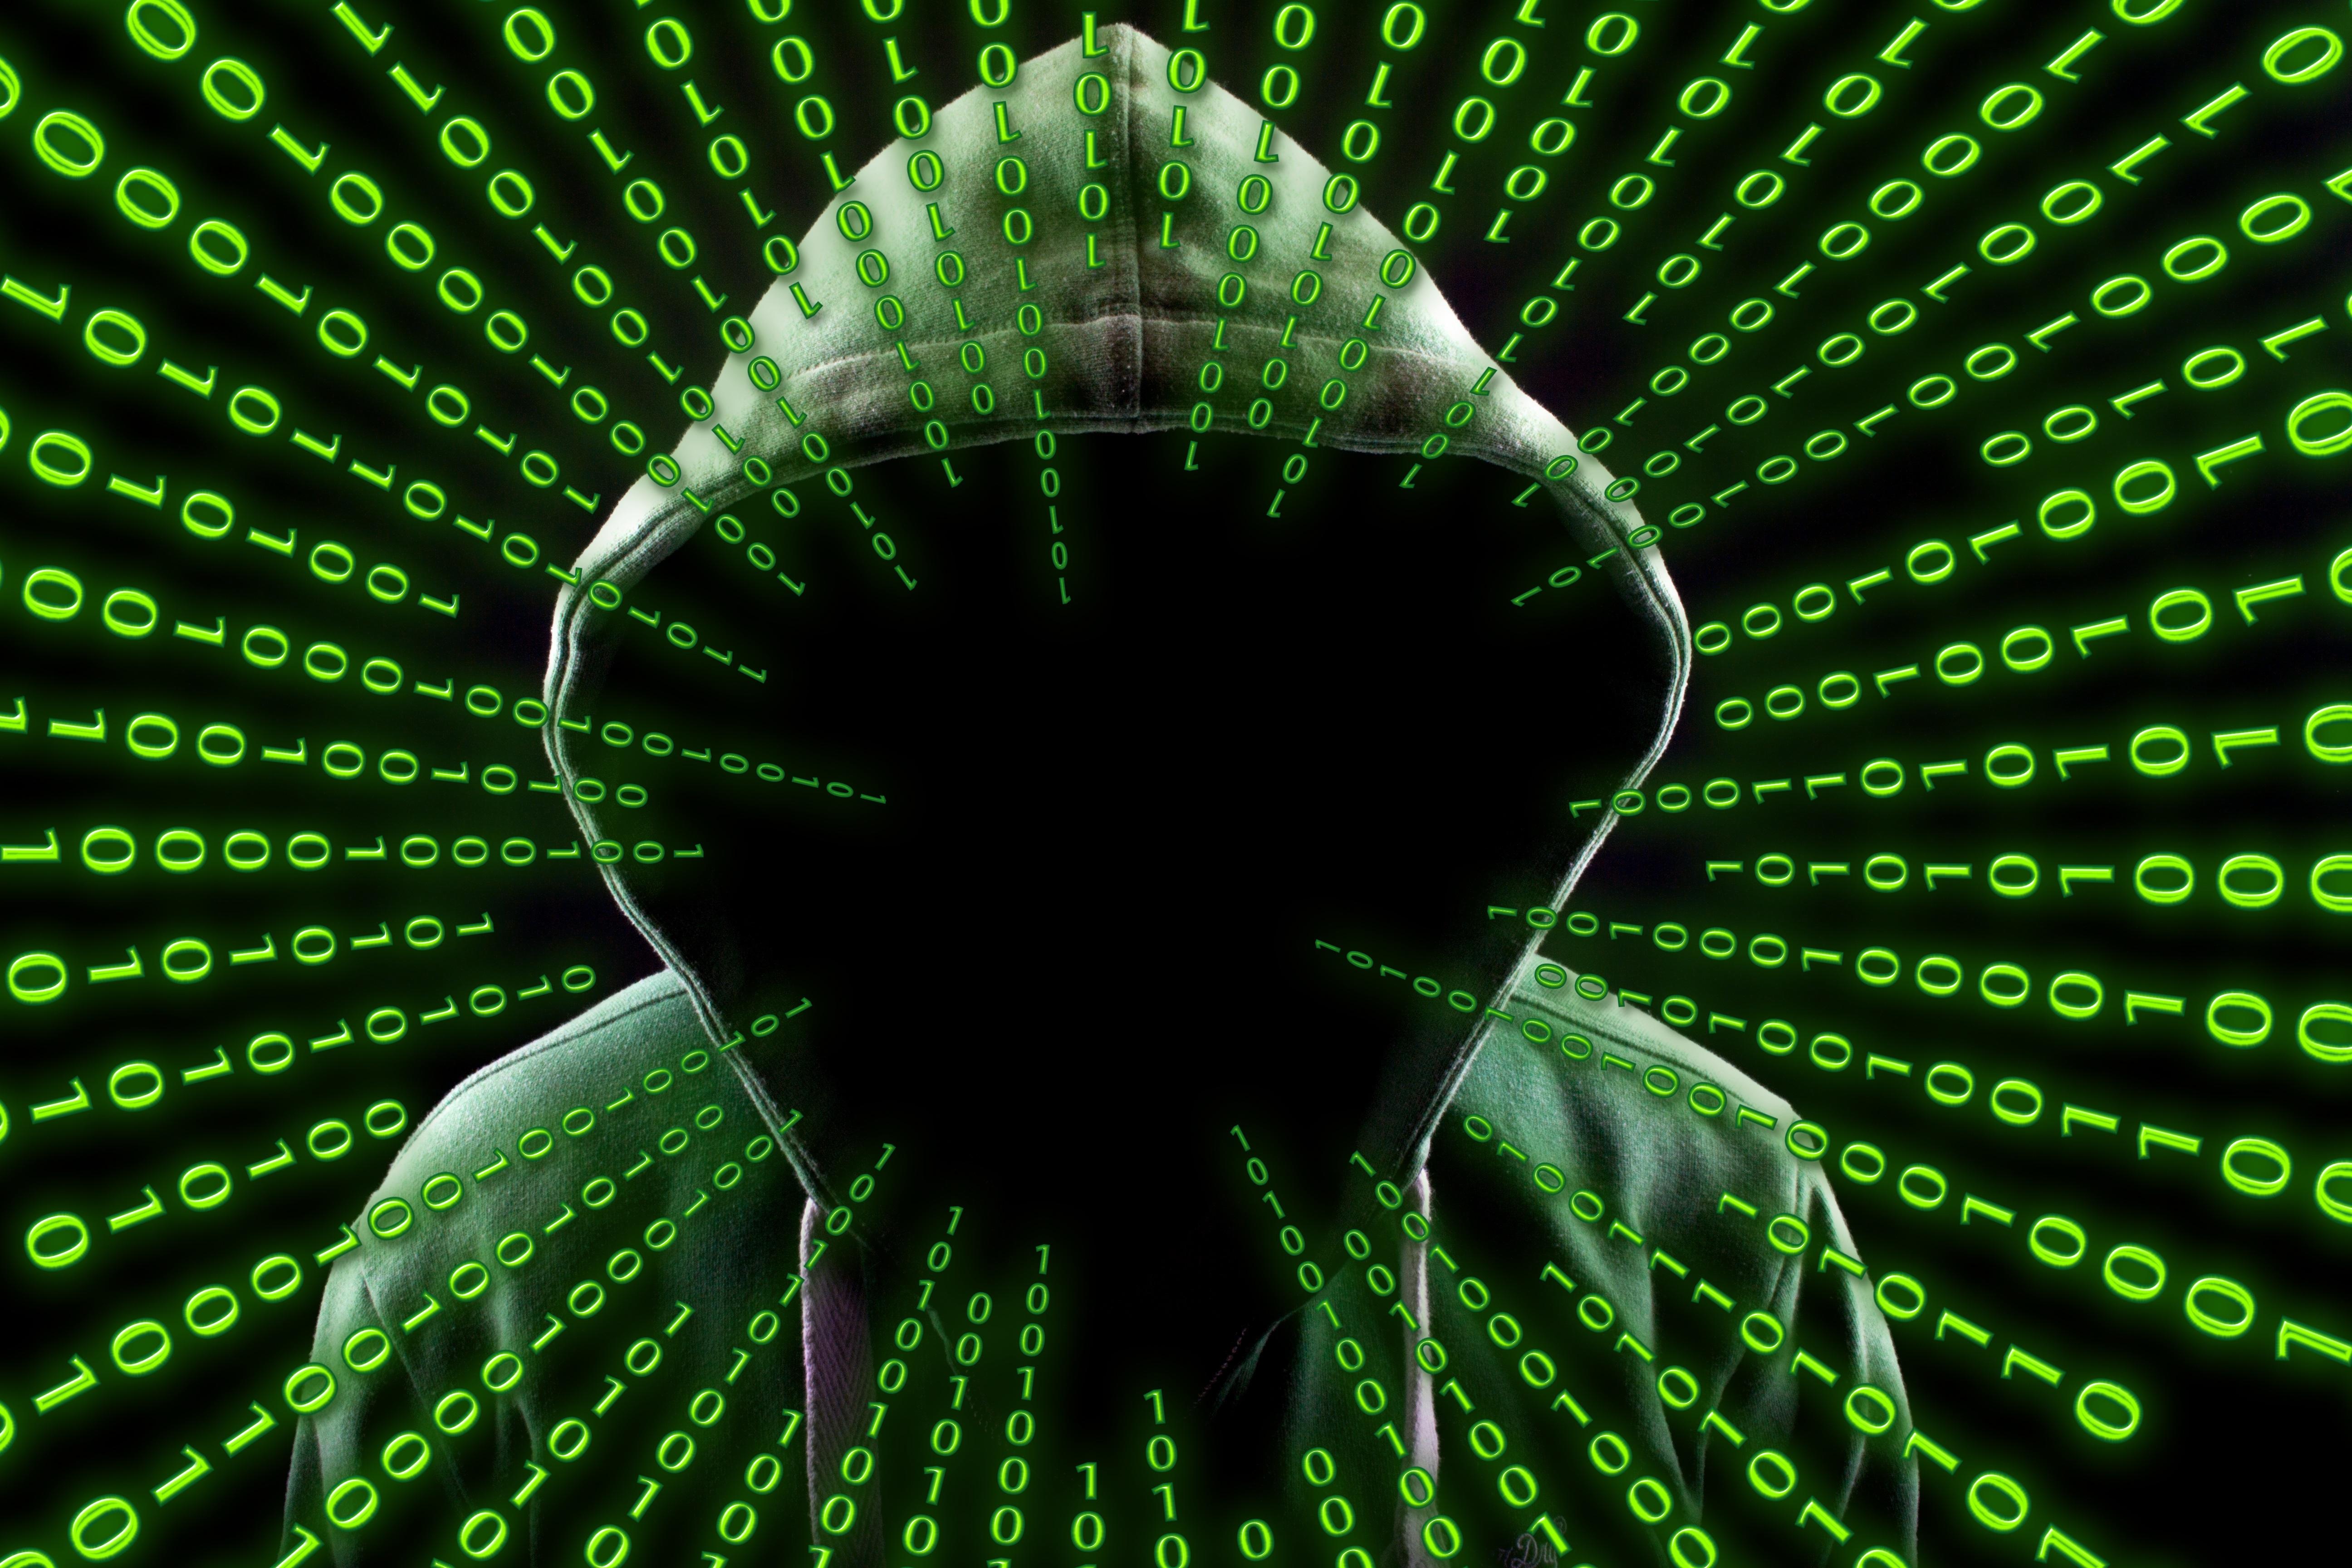 hacker-2883632